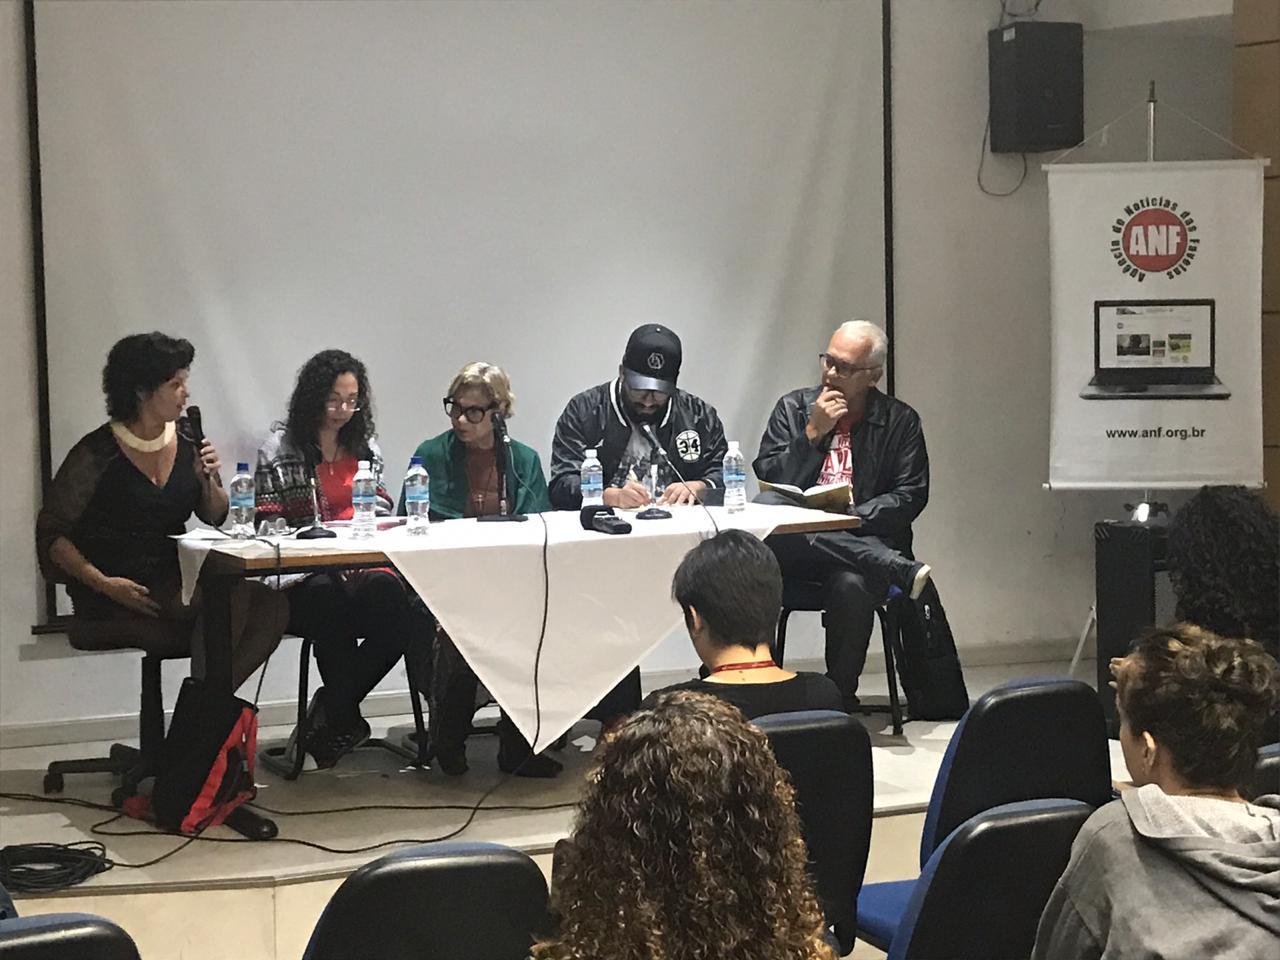 Encontro de Comunicação Comunitária reúne jornalistas e lideranças na Urca